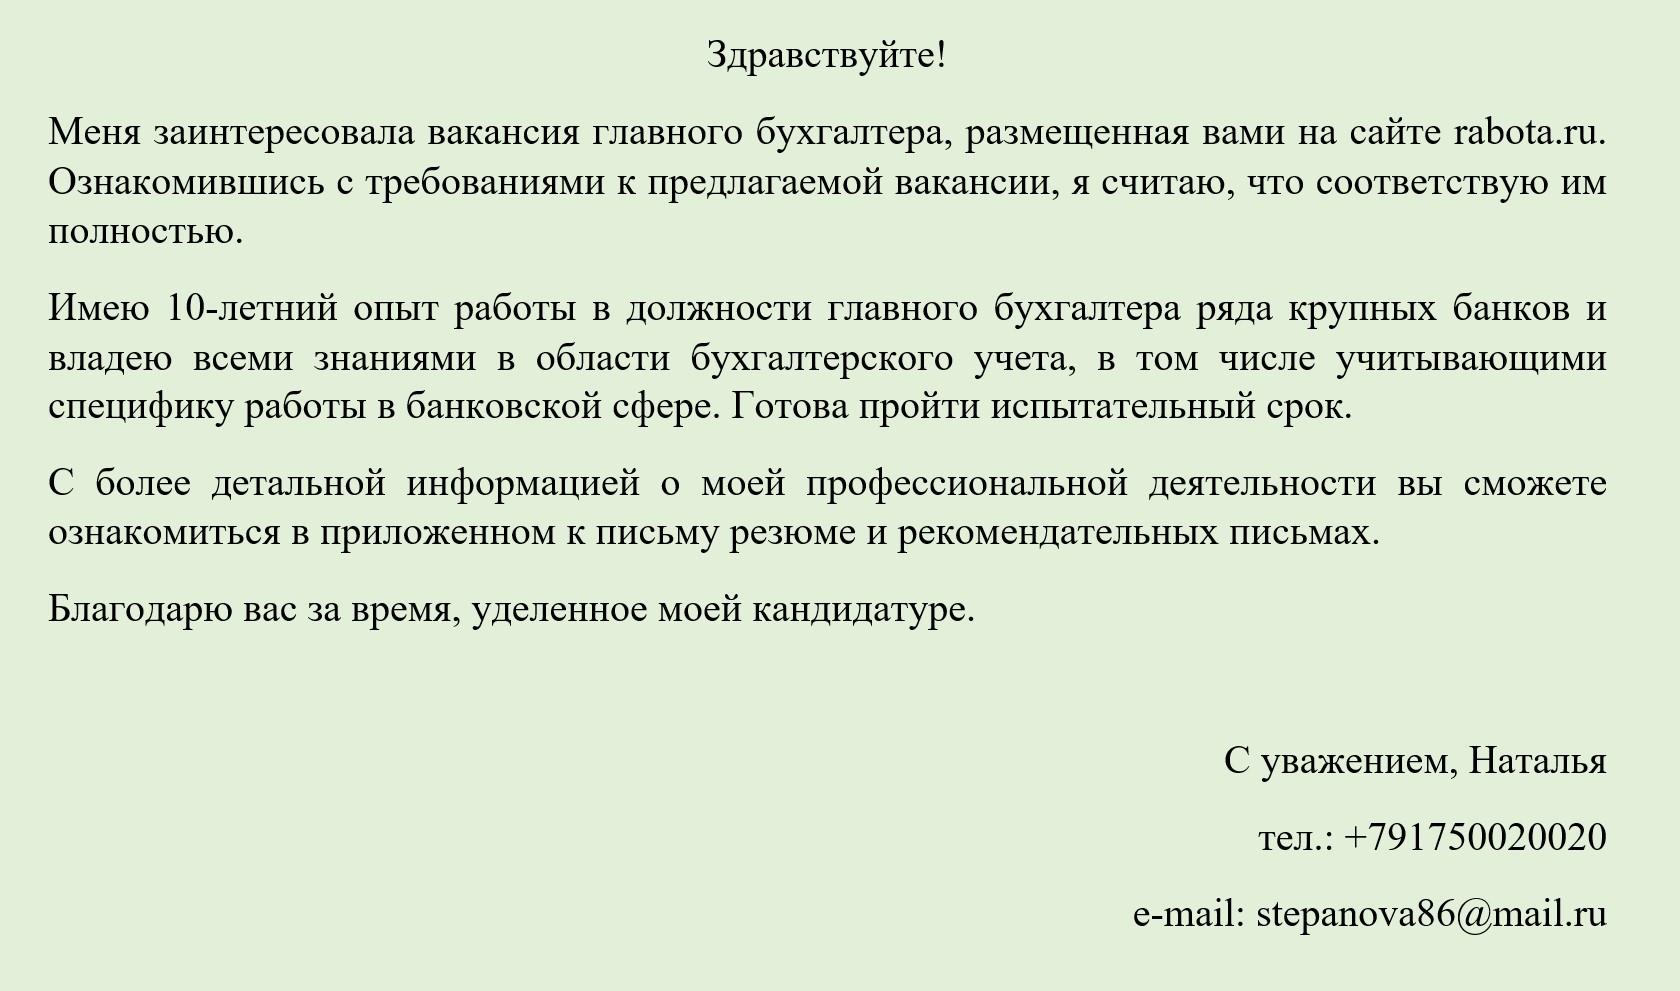 Как правильно составить короткое сопроводительное письмо к резюме, примеры и образец краткого текста